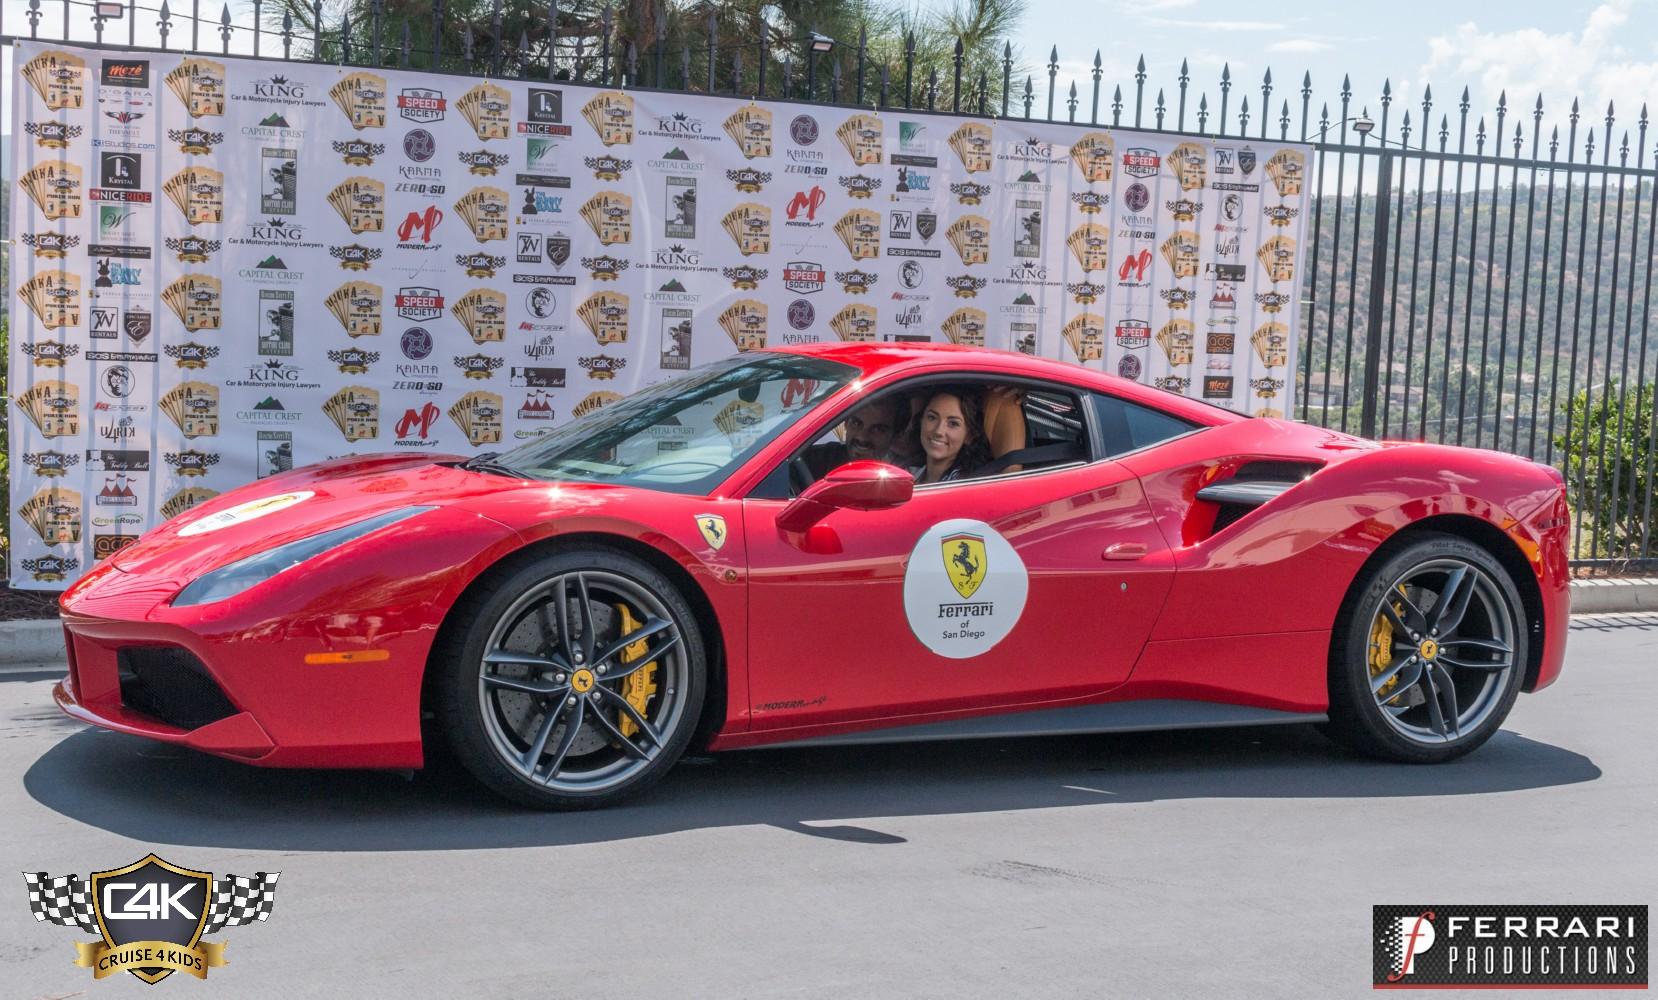 Ferrari-Productions-2017-C4K-Poker-Run-68.jpg